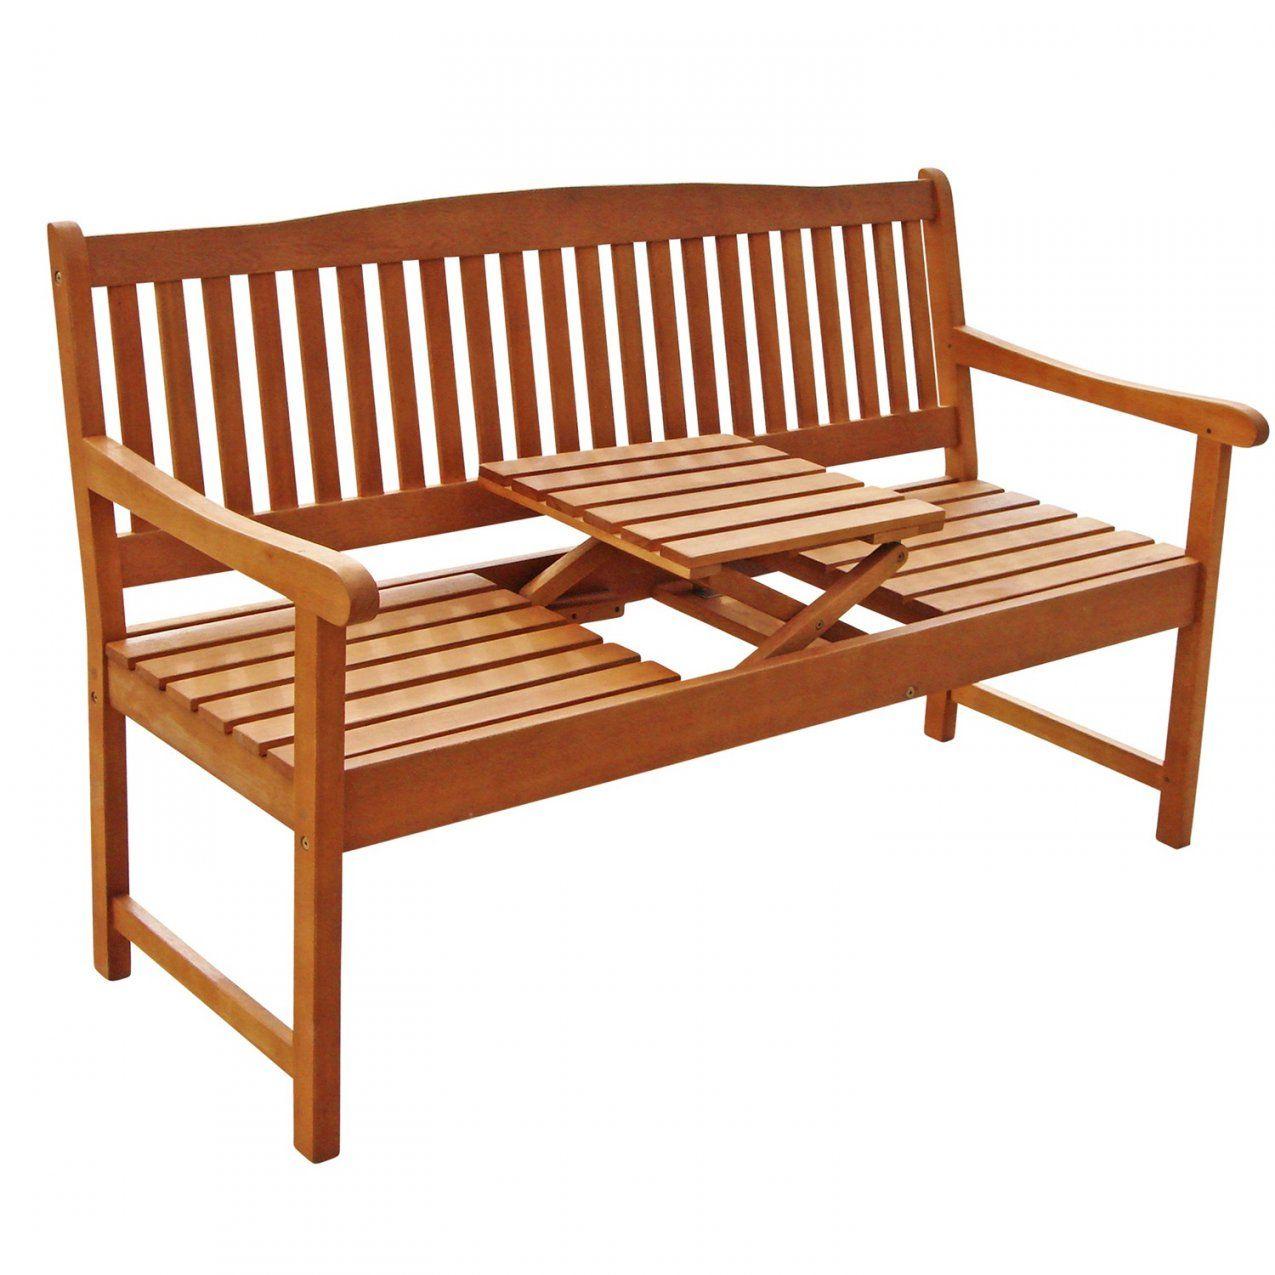 Gartenbank Mit Integriertem Klapptisch Aus Holz Ideal Für Picknick von Bank Mit Integriertem Tisch Photo